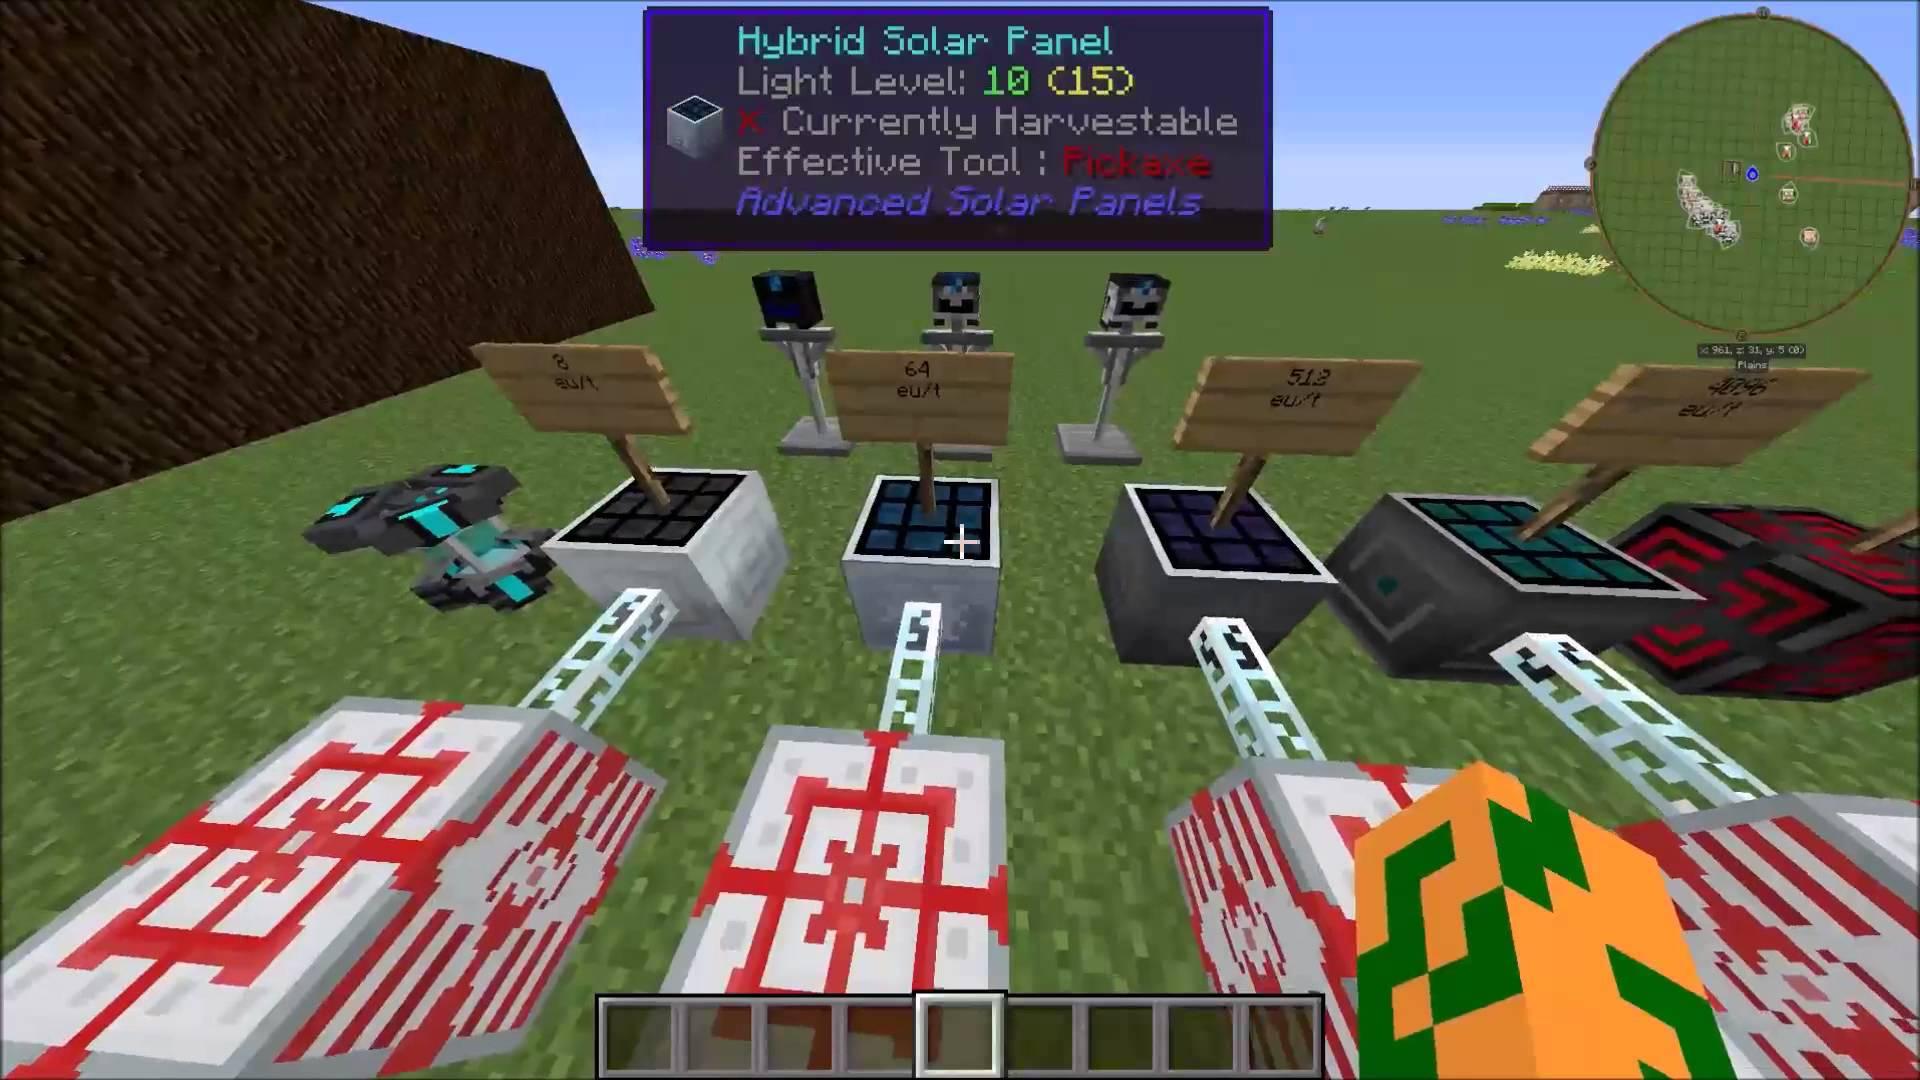 мод на майнкрафт 1.7.10 на солнечные панели #8